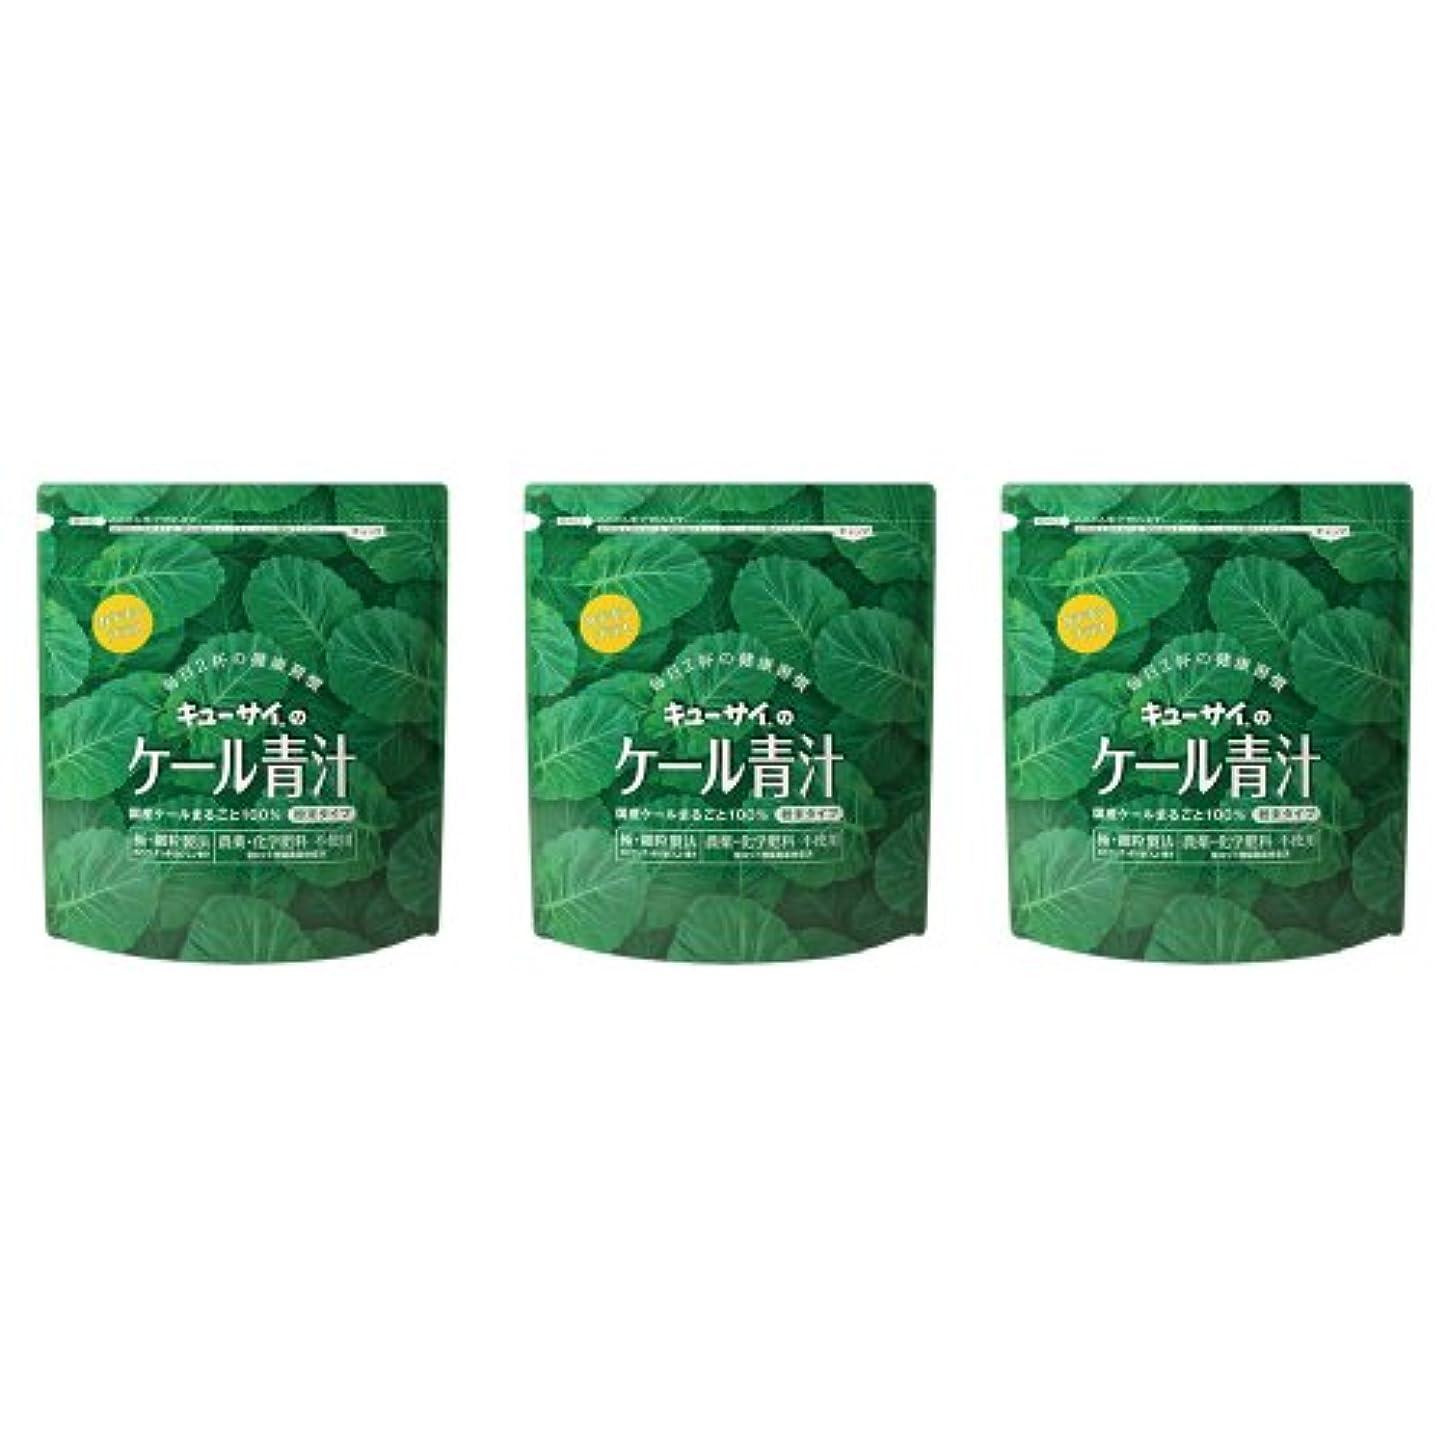 意義スワップ着飾るキューサイ ケール青汁(粉末タイプ)カテキンプラス 420g 3袋